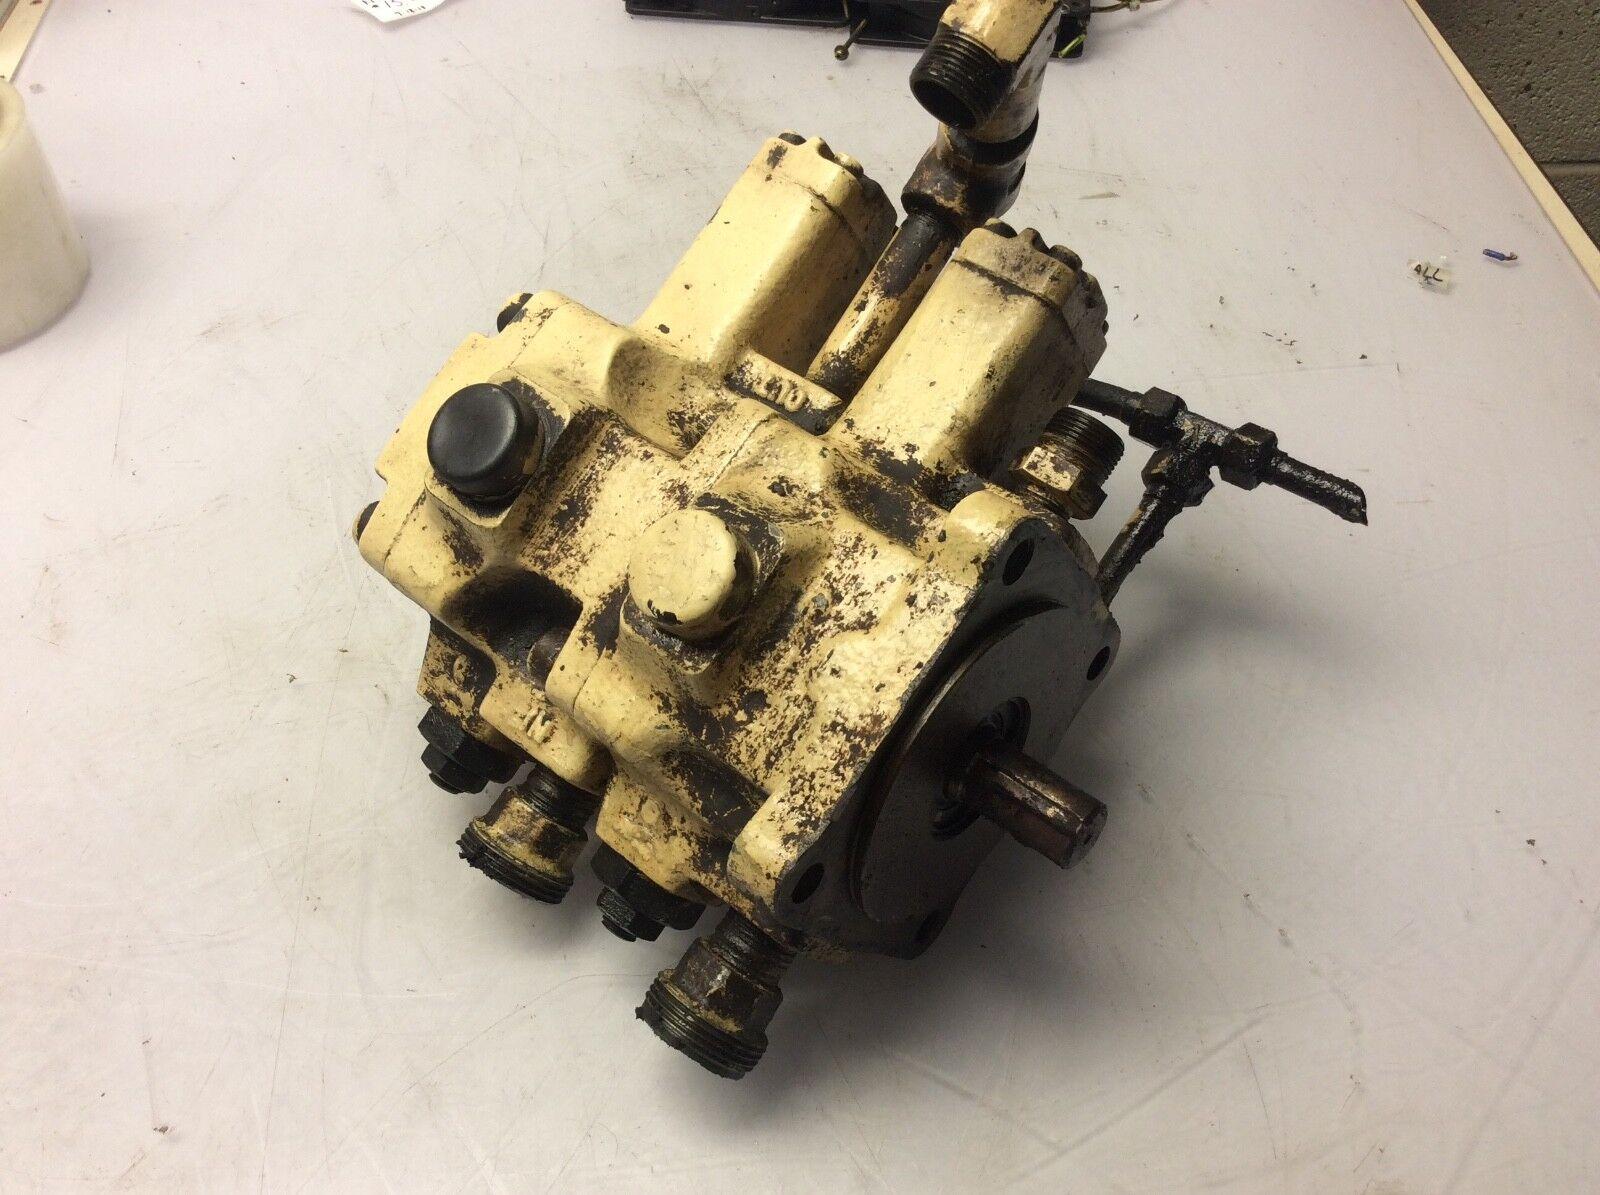 Nachi Variable Vane Hydraulic Pump, VDR-11B-1A2-1A2-22, Used, Warranty